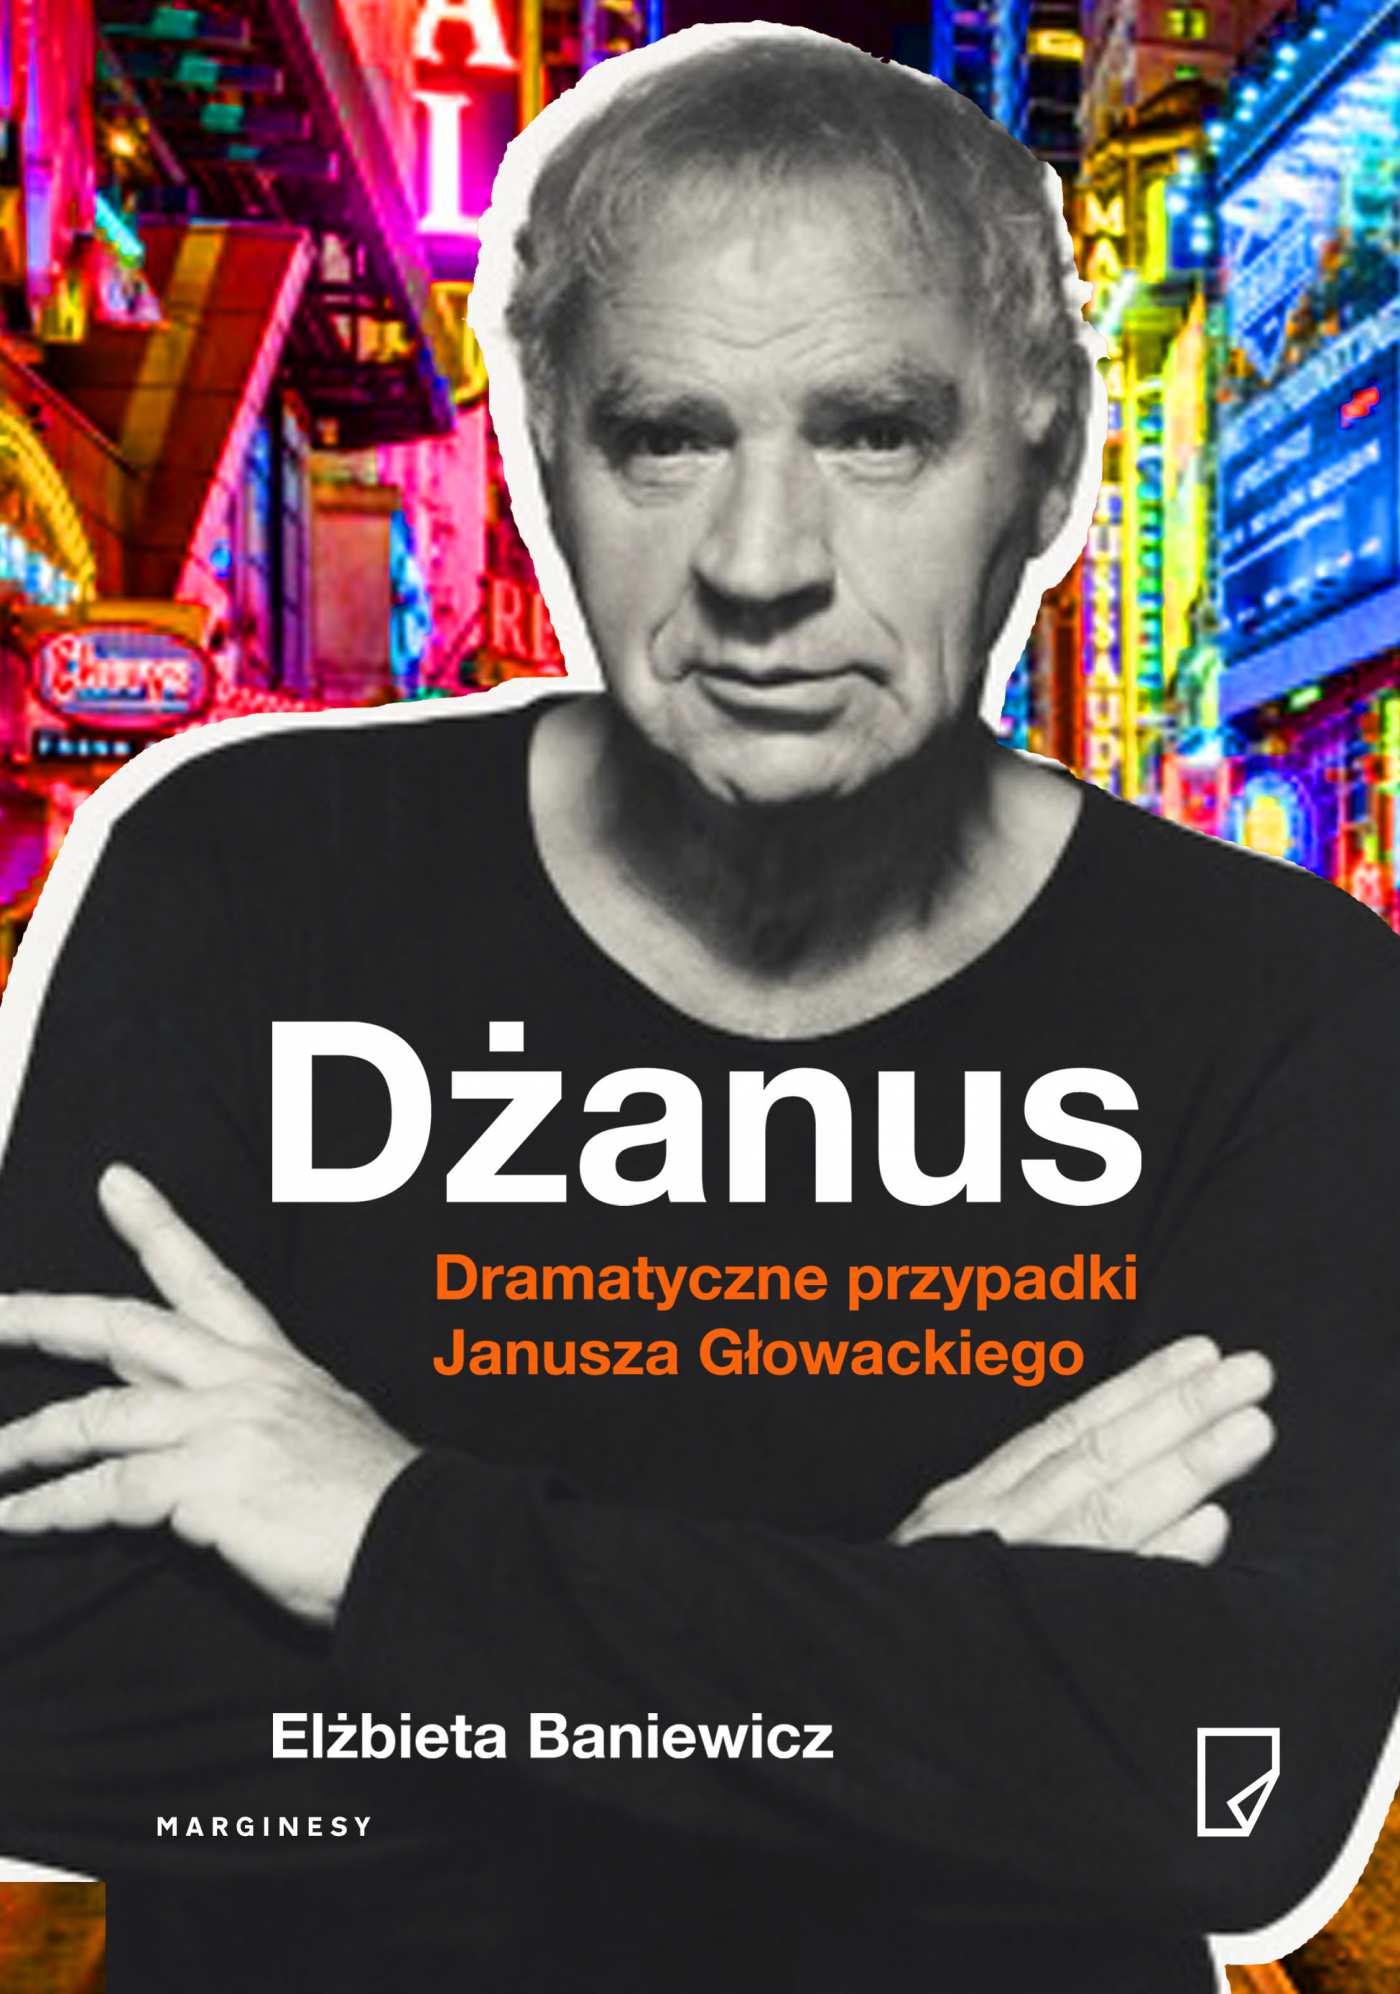 Dżanus. Dramatyczne przypadki Janusza Głowackiego - Ebook (Książka EPUB) do pobrania w formacie EPUB